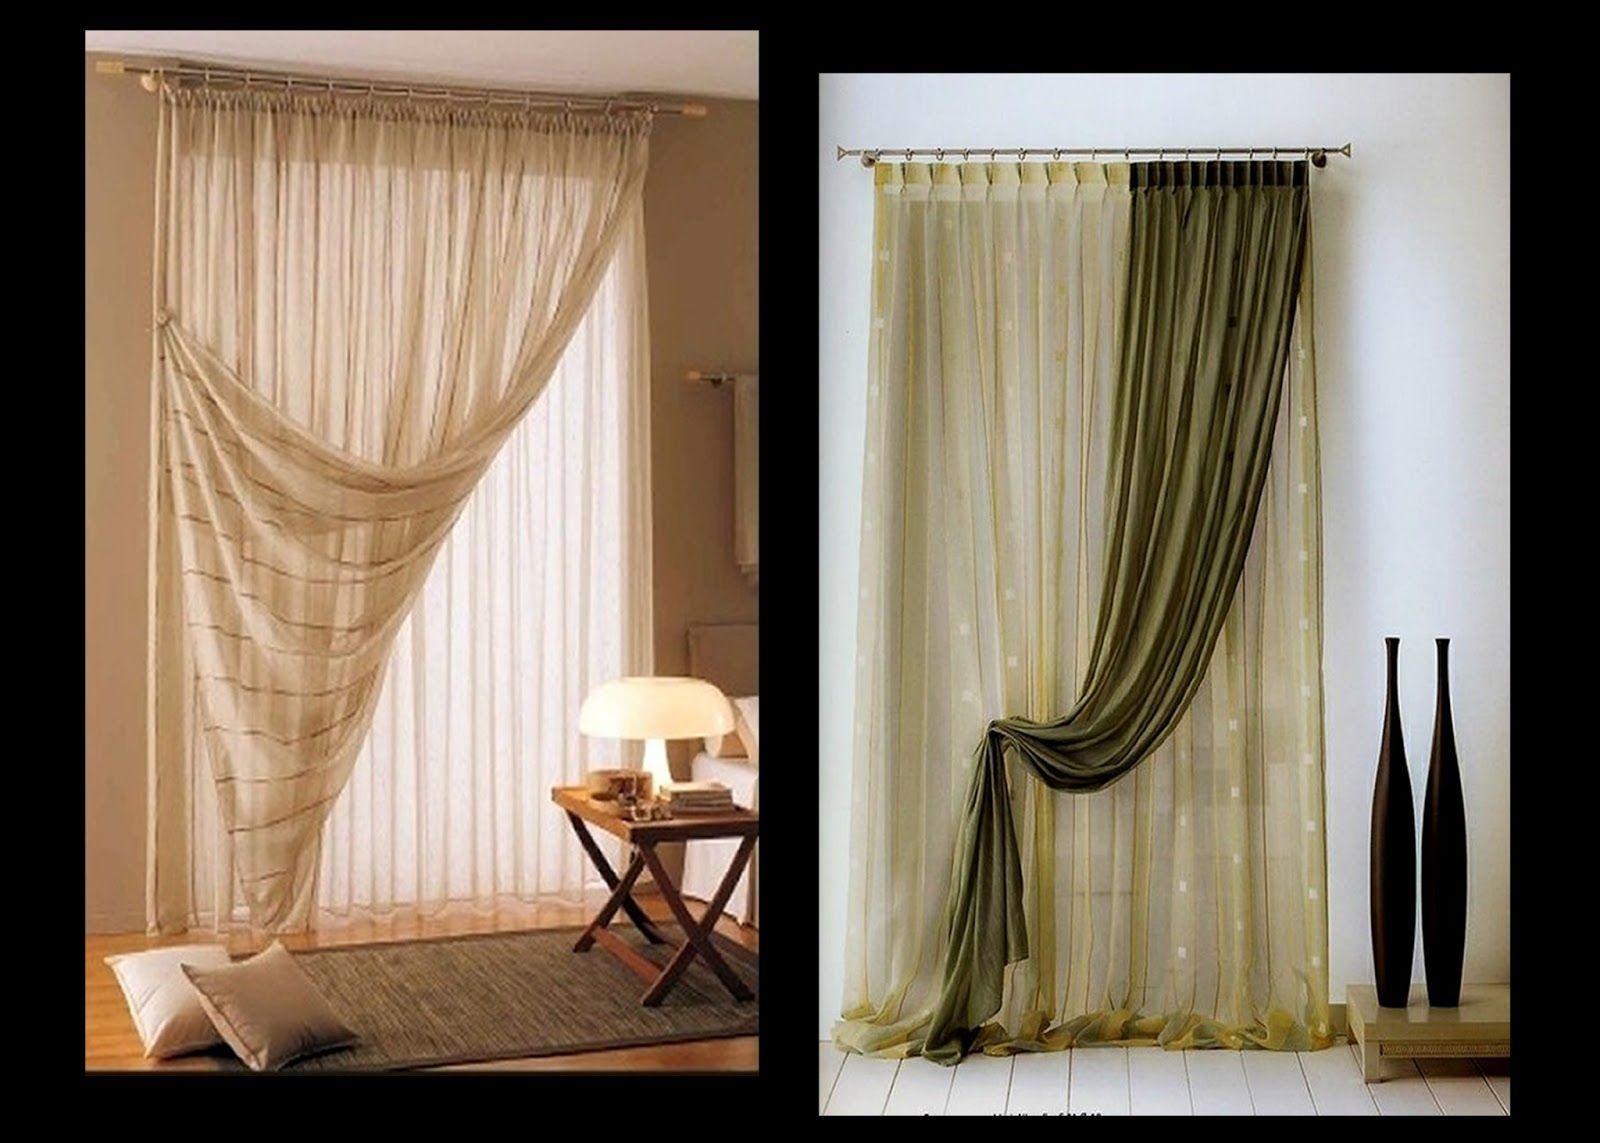 Magneti e tende idee per arredare pinterest magneti - Tende finestra camera da letto ...